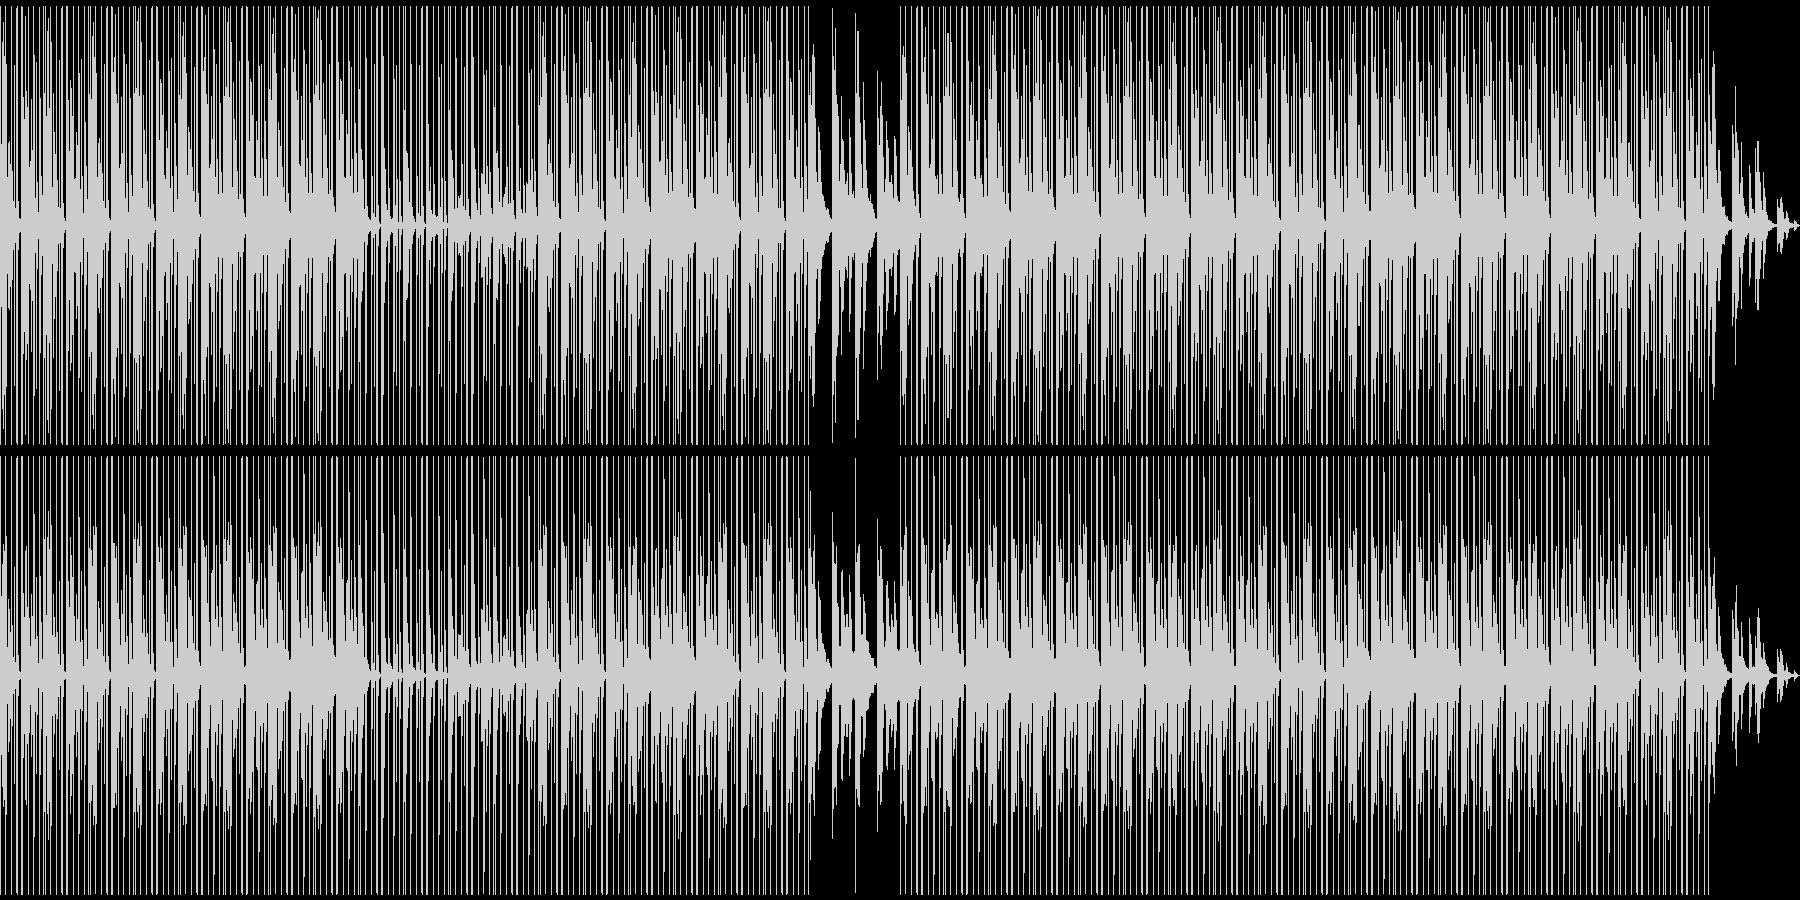 落ち着いた雰囲気のHIP-HOP風BGMの未再生の波形